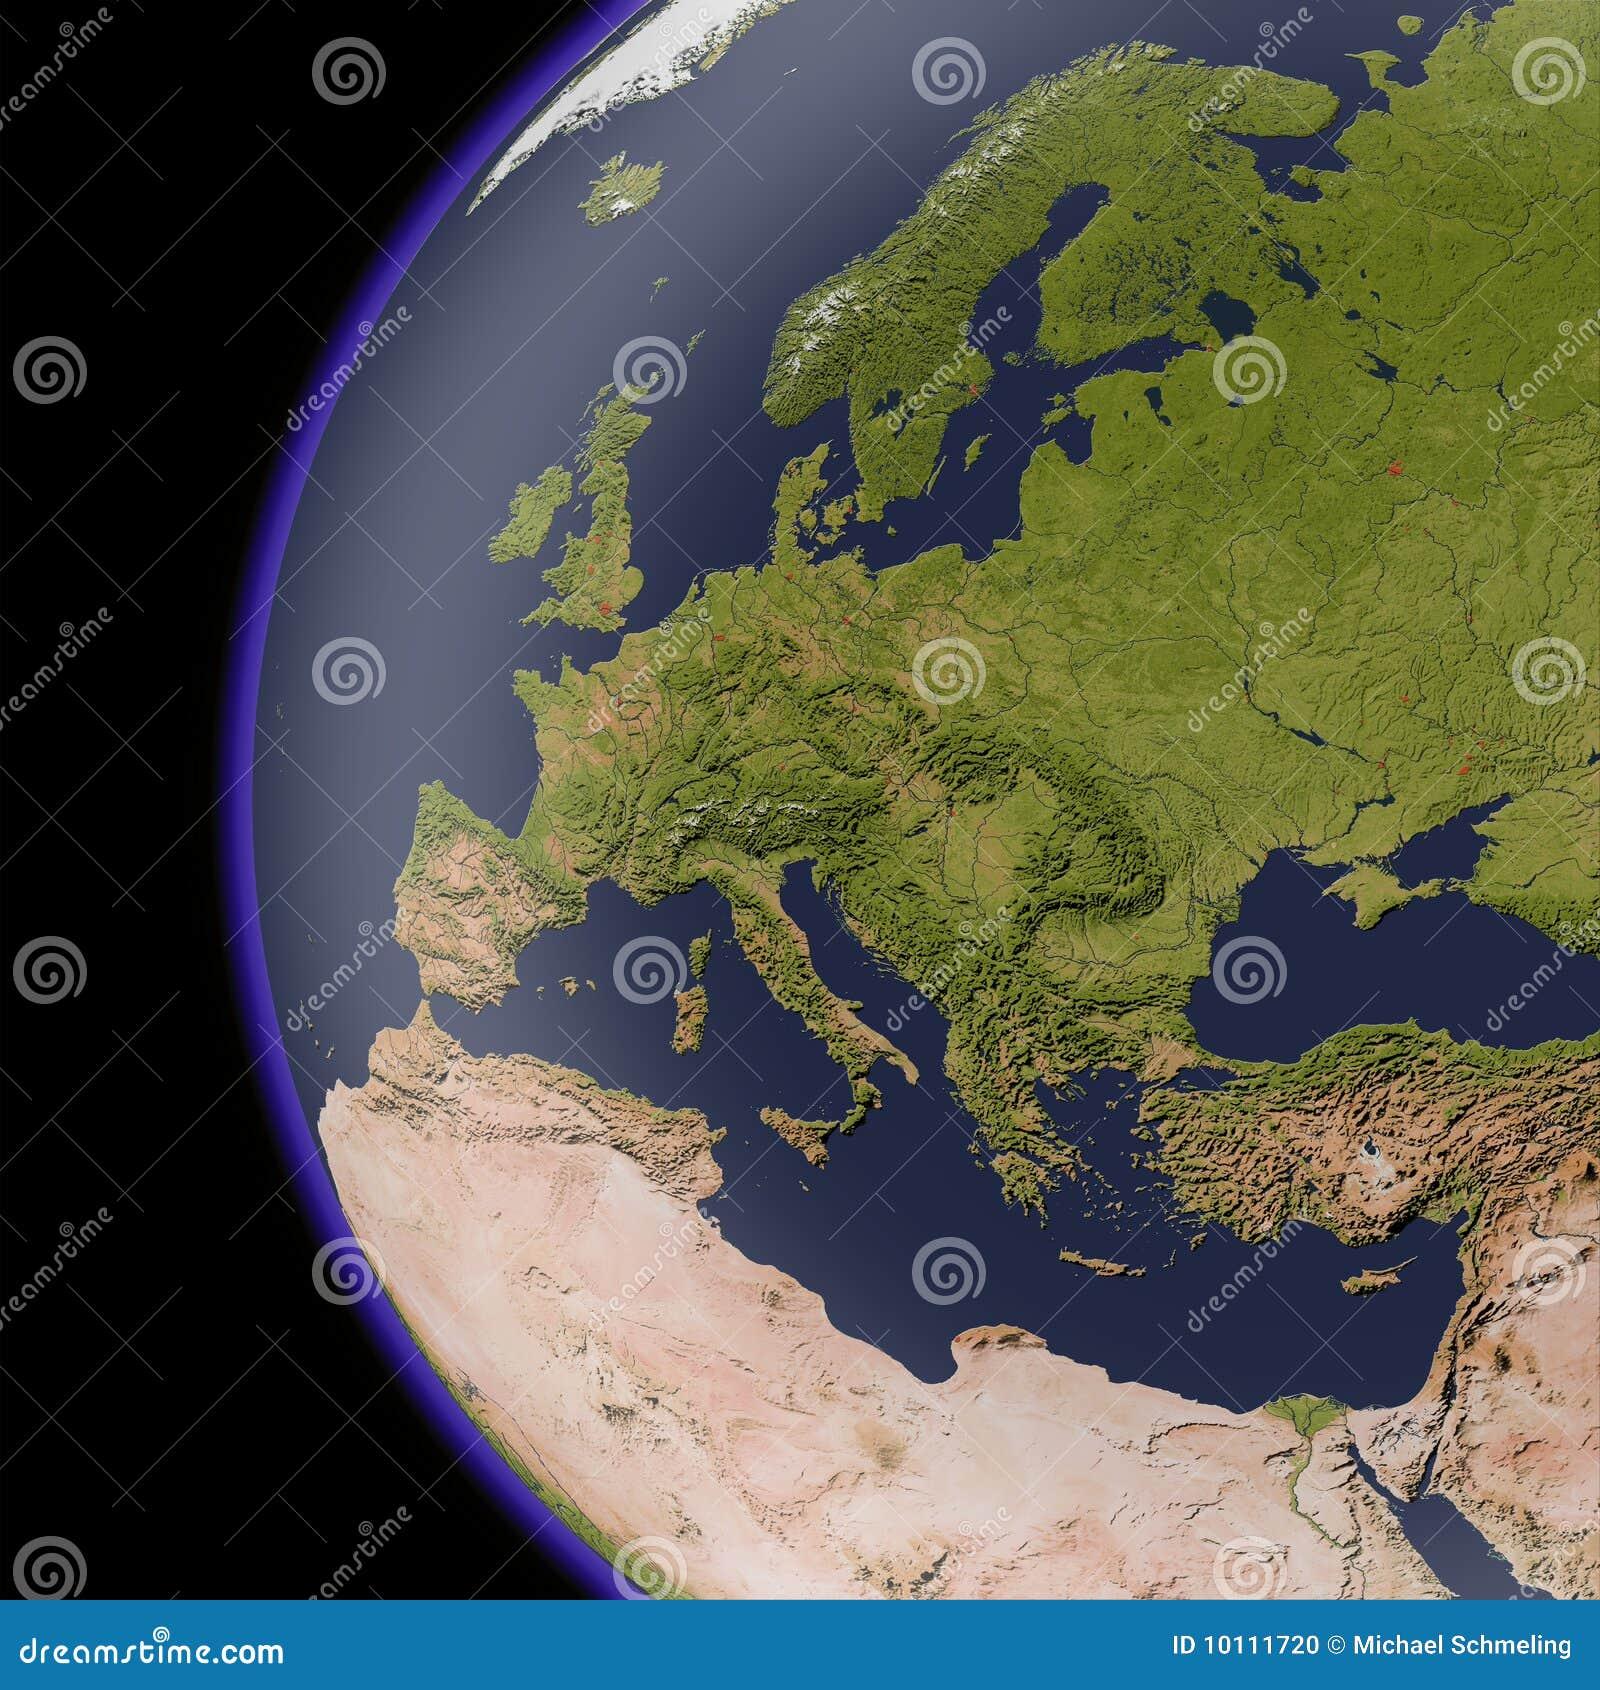 Europa del espacio, correspondencia de relevación sombreada.